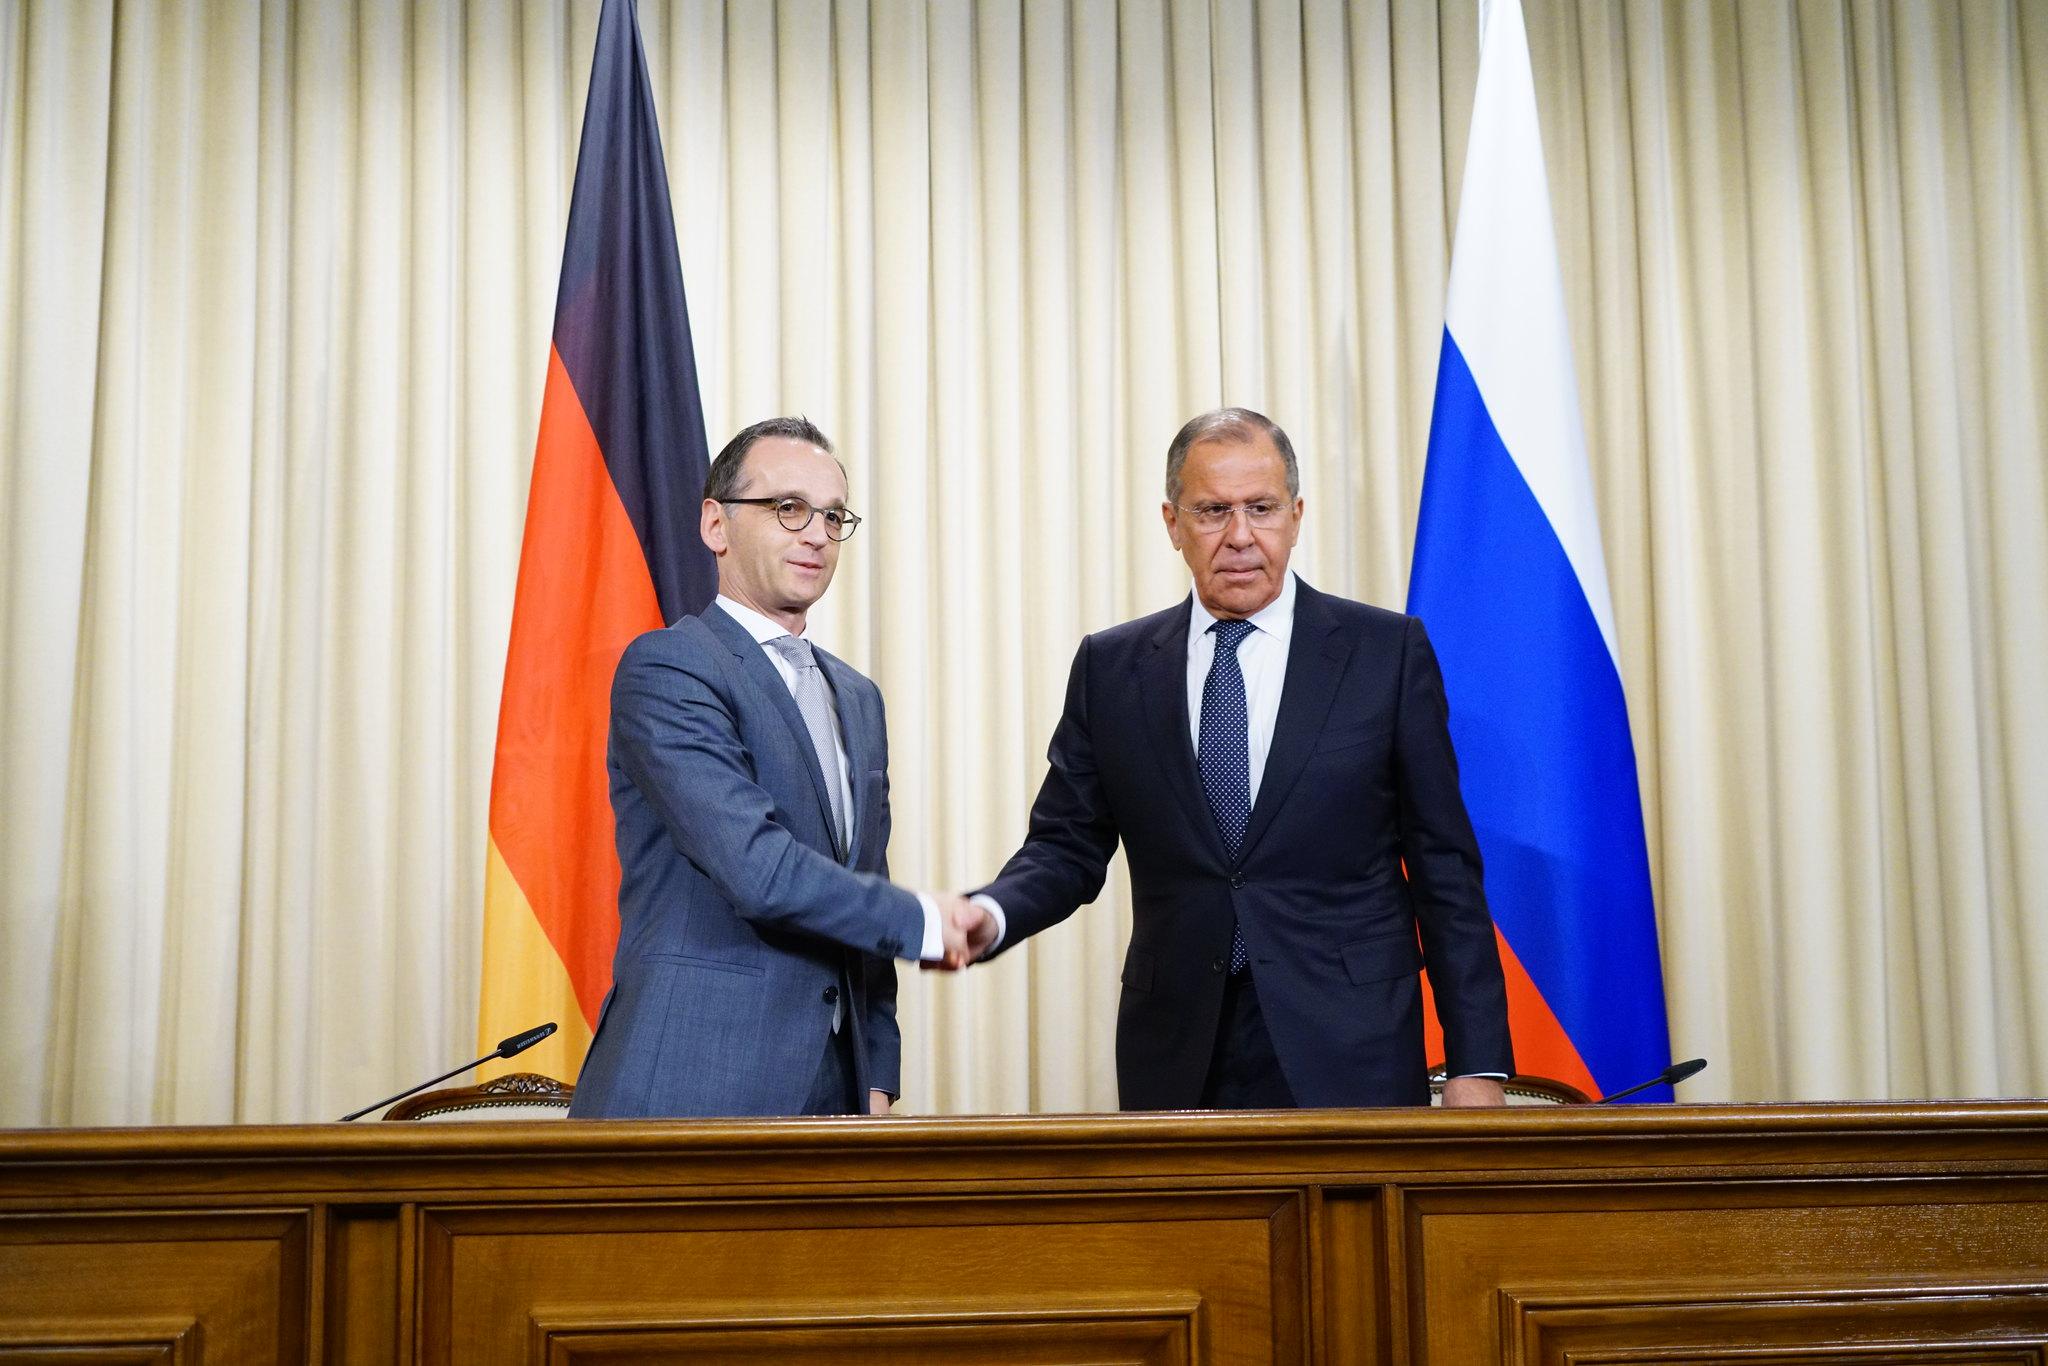 Sankcje nie, Nord Stream 2 tak. Rosyjski kurs Niemiec